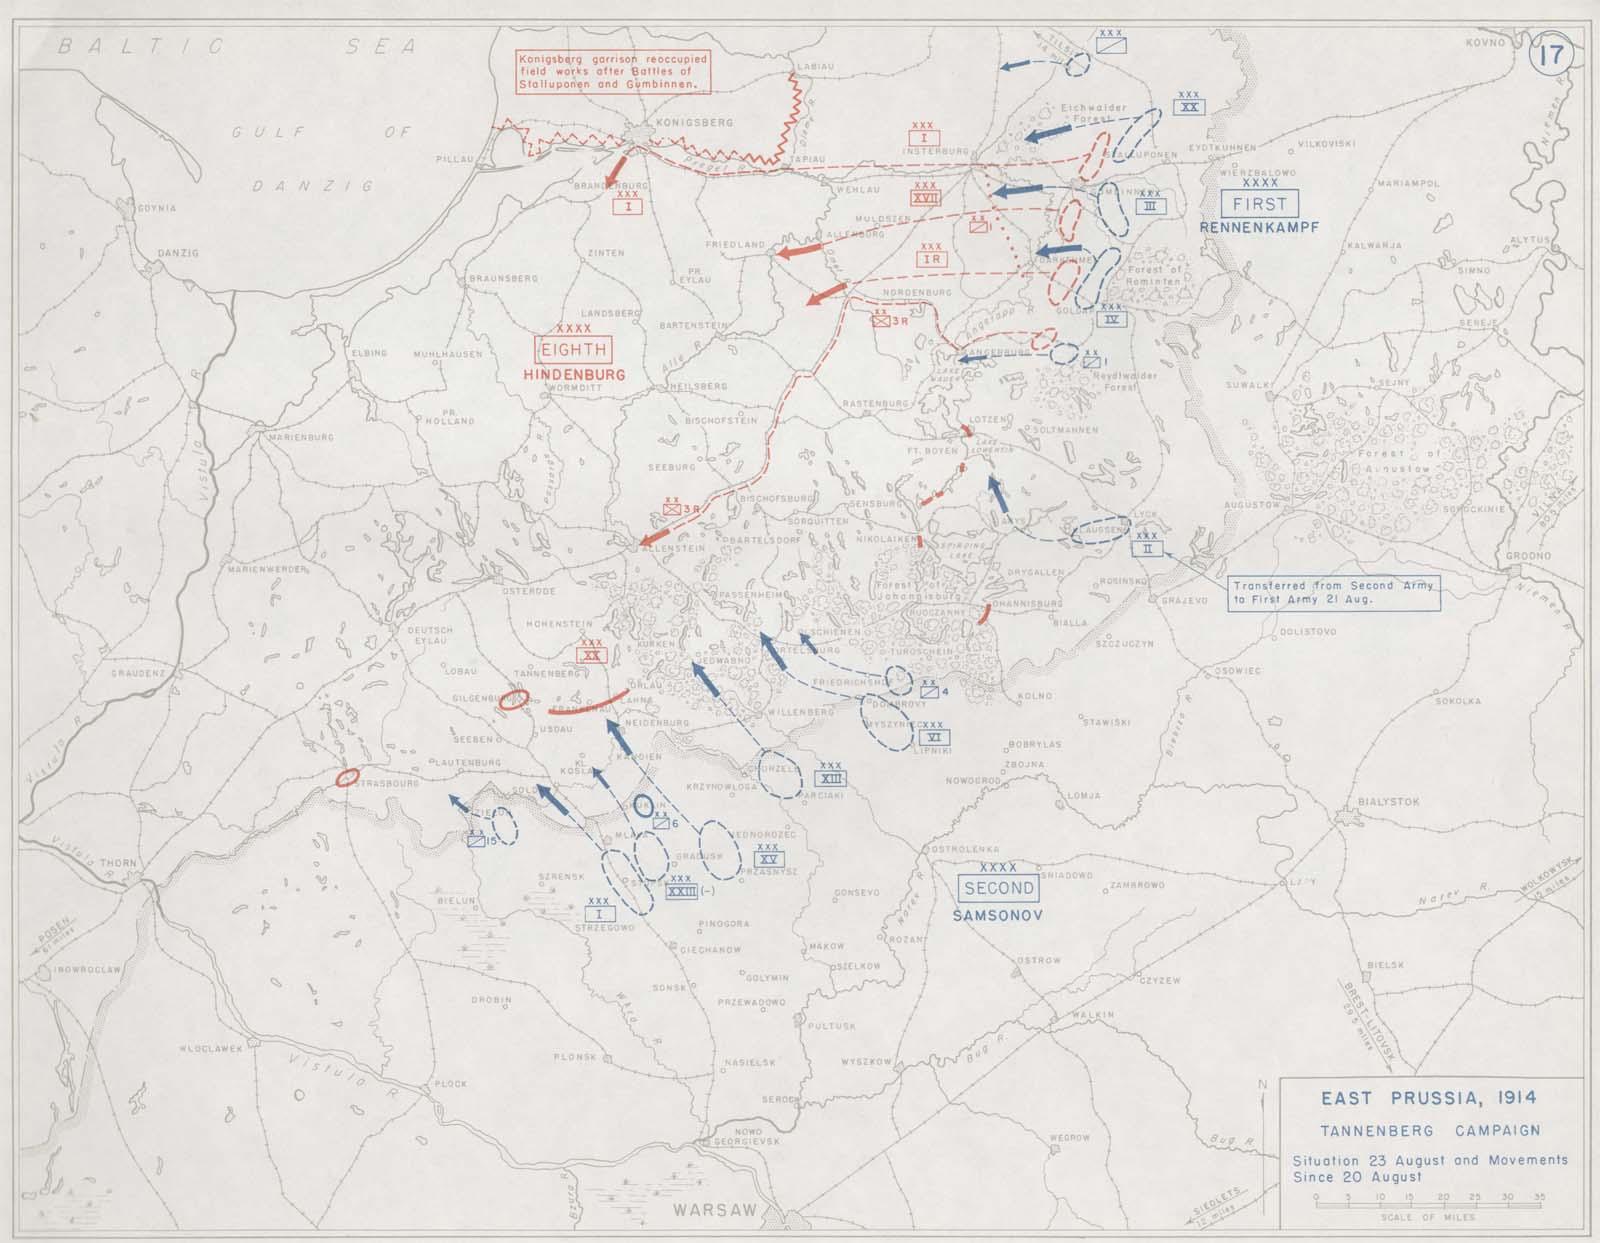 Battle of Tannenberg in 1914